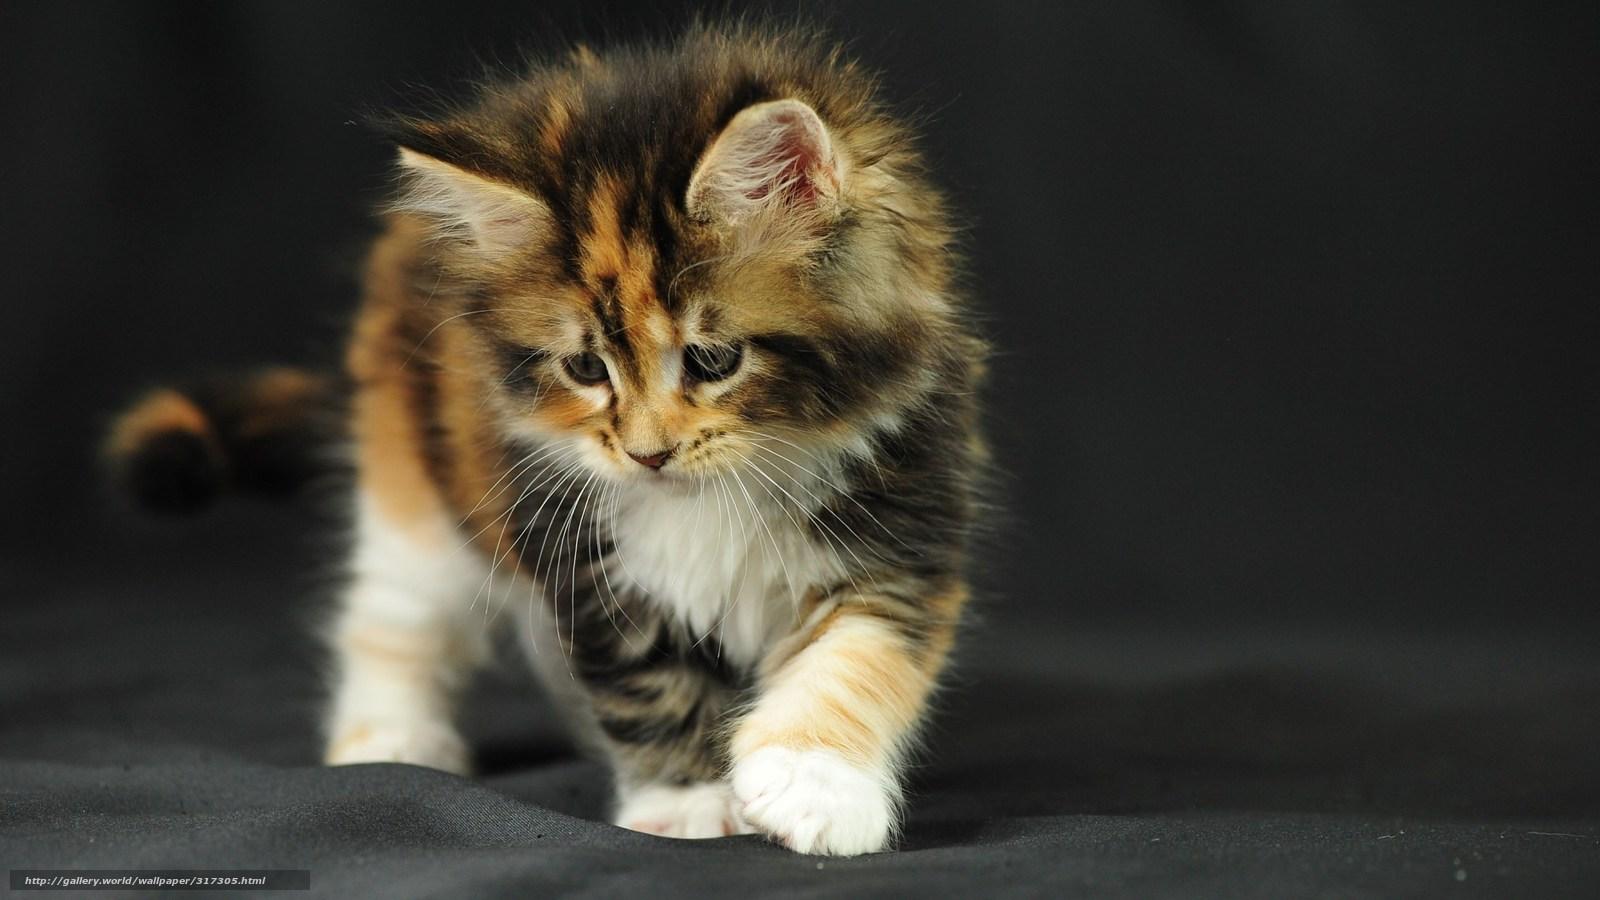 Tlcharger fond d 39 ecran chaton tissu intrt fonds d 39 ecran for Fond ecran animaux hd